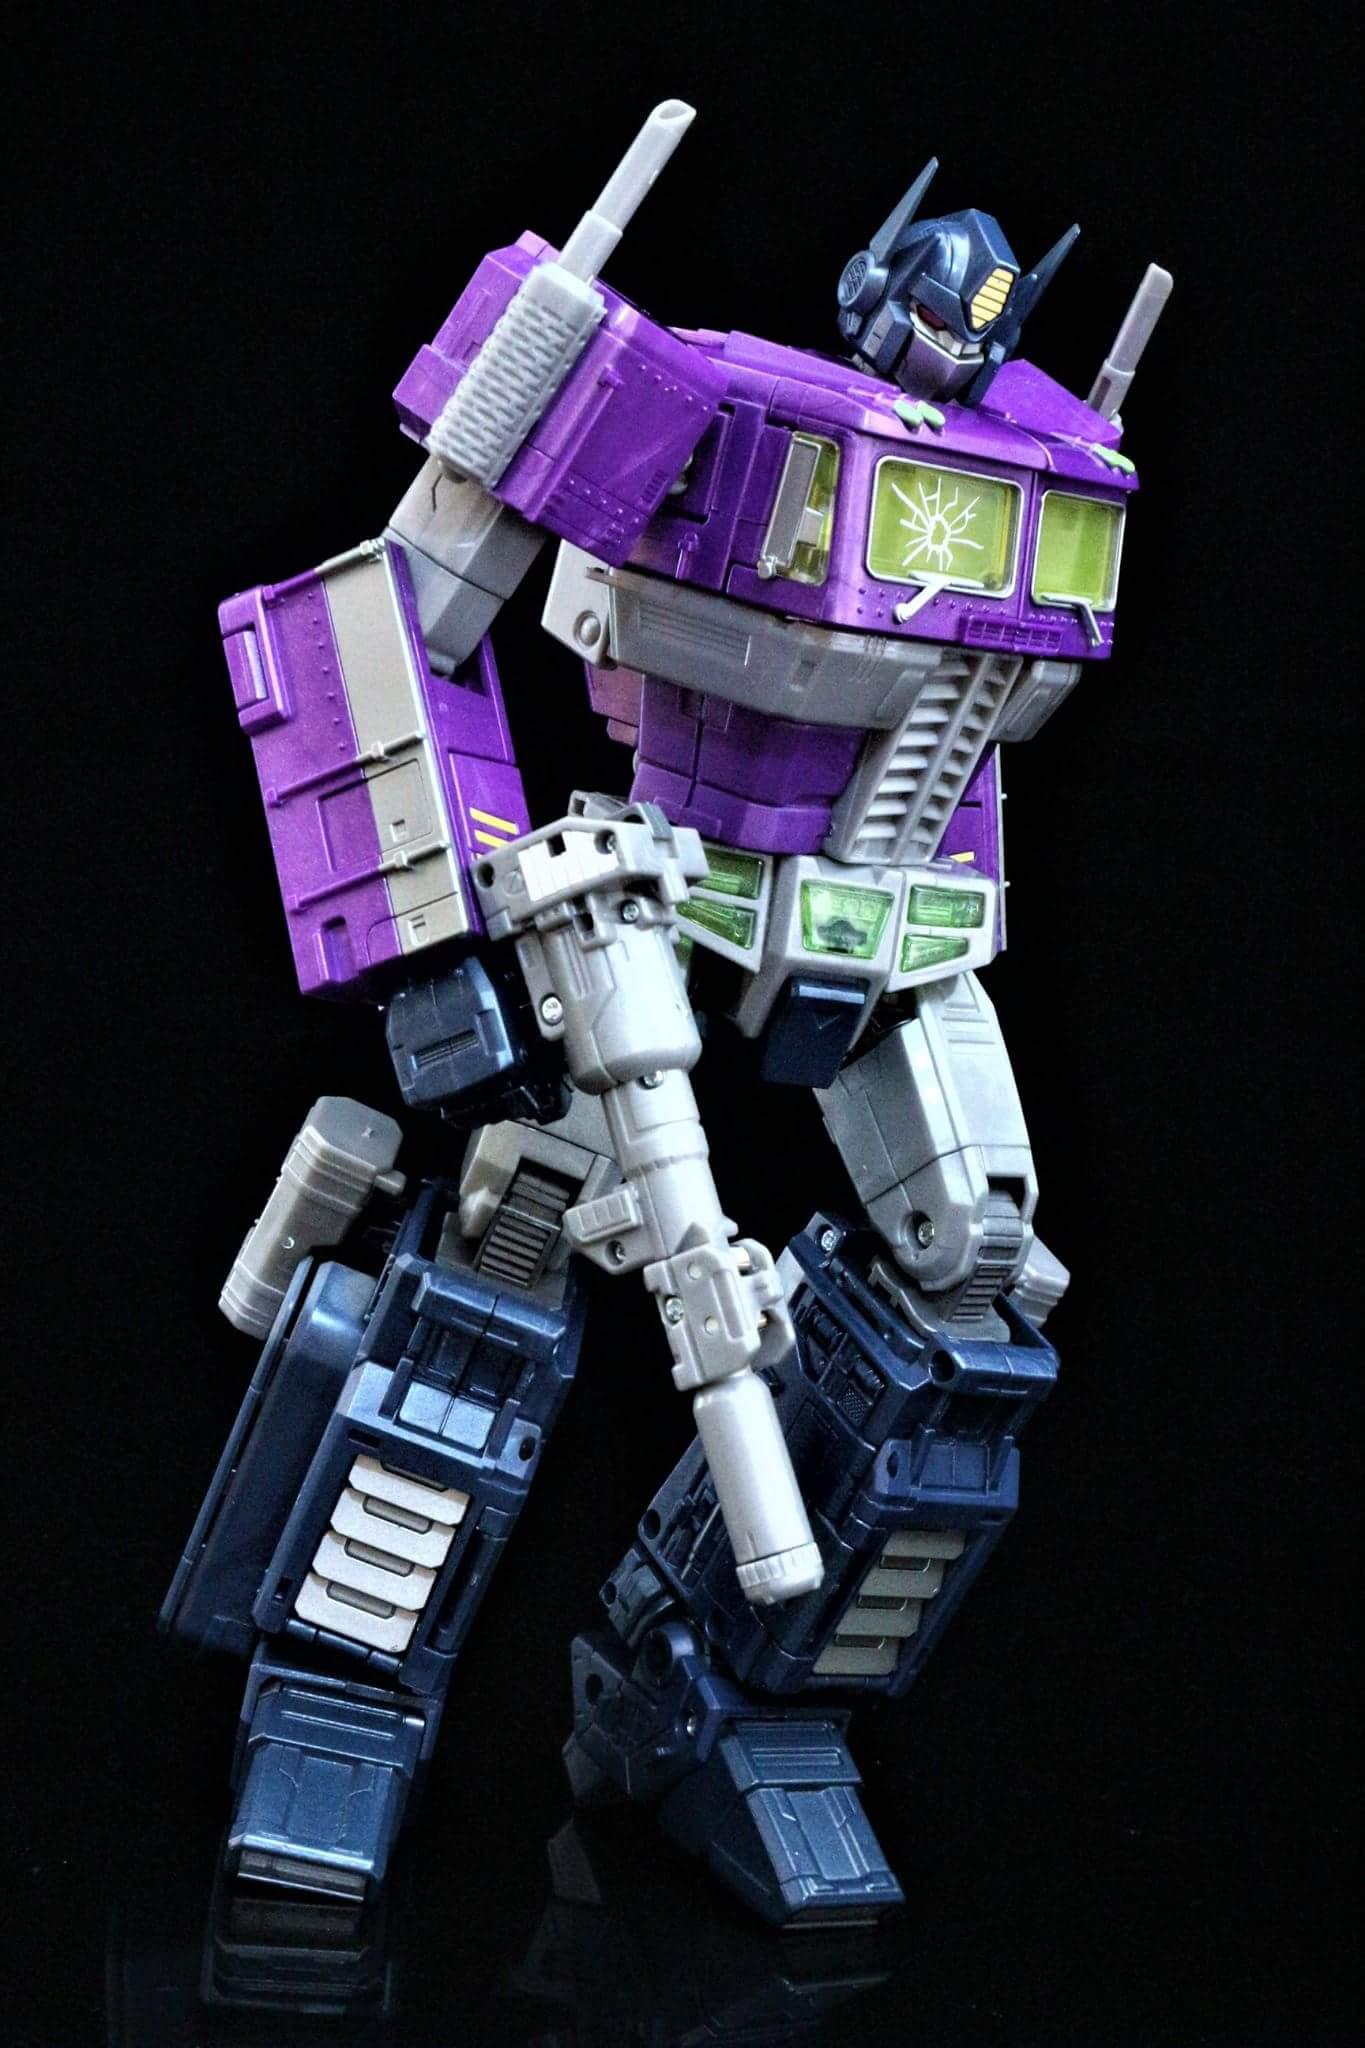 [Masterpiece] MP-10B | MP-10A | MP-10R | MP-10SG | MP-10K | MP-711 | MP-10G | MP-10 ASL ― Convoy (Optimus Prime/Optimus Primus) - Page 5 G9wtnS5F